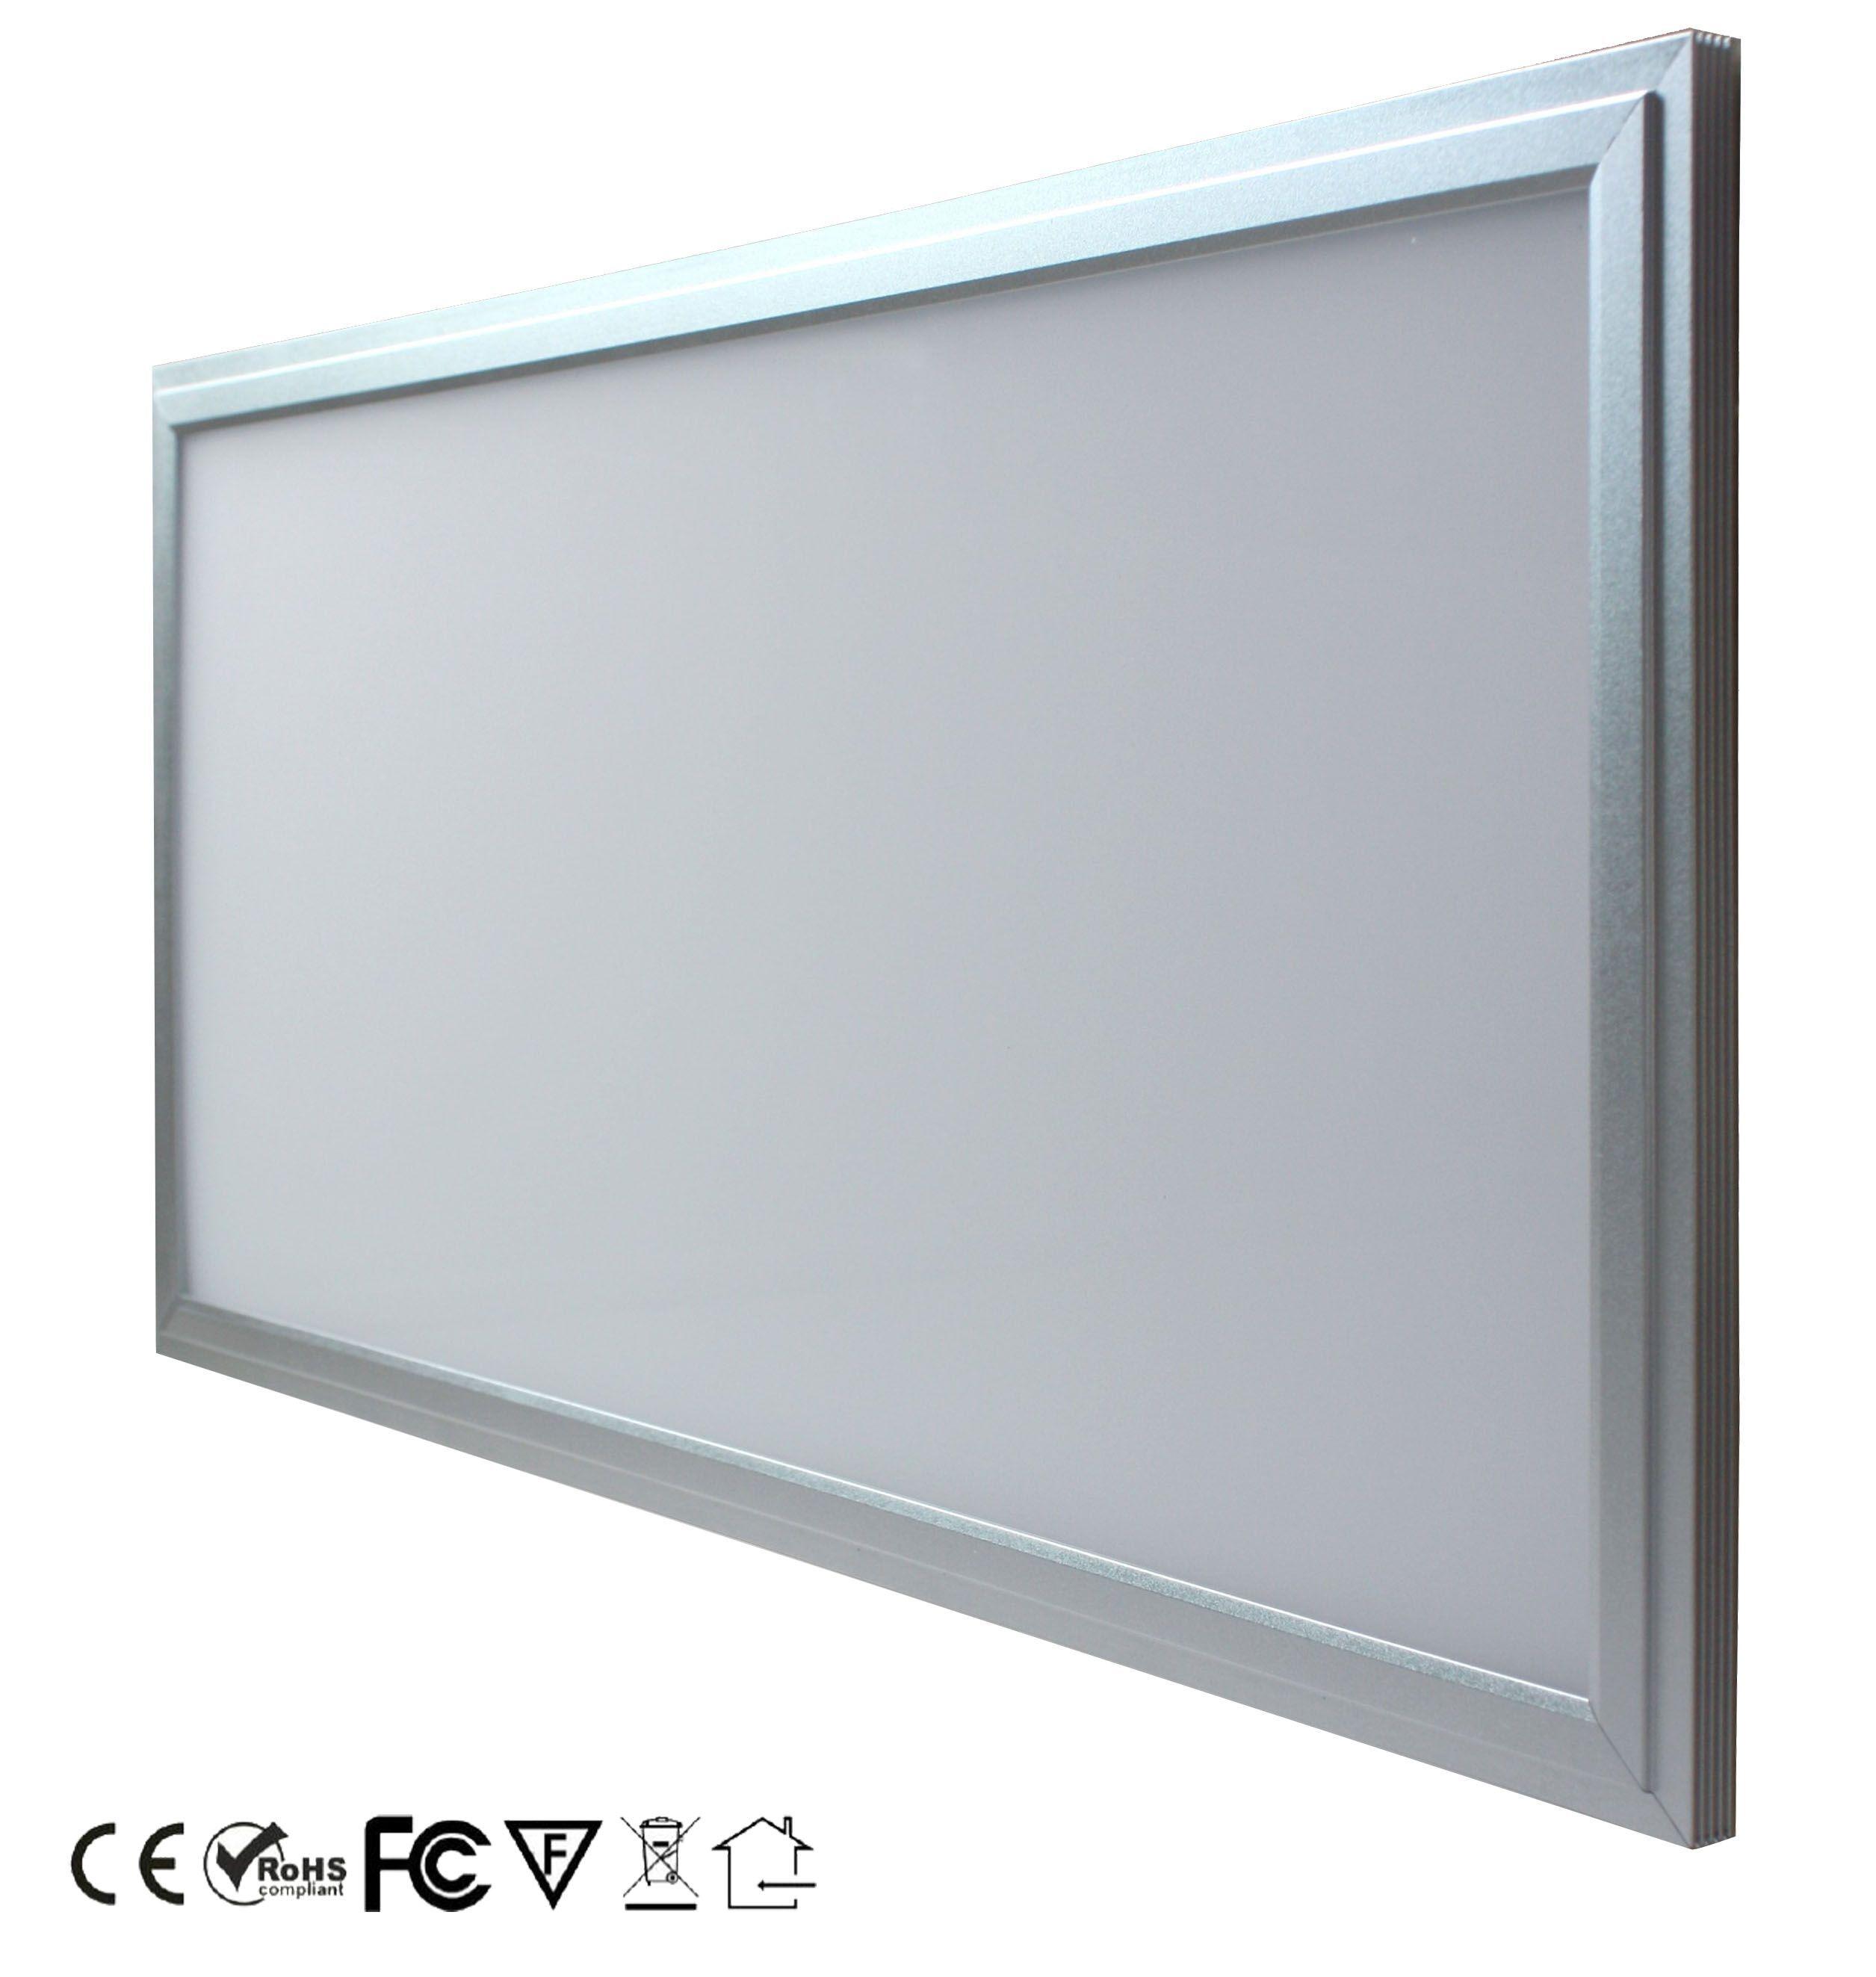 HLP119545NW panel 119x29cm,45